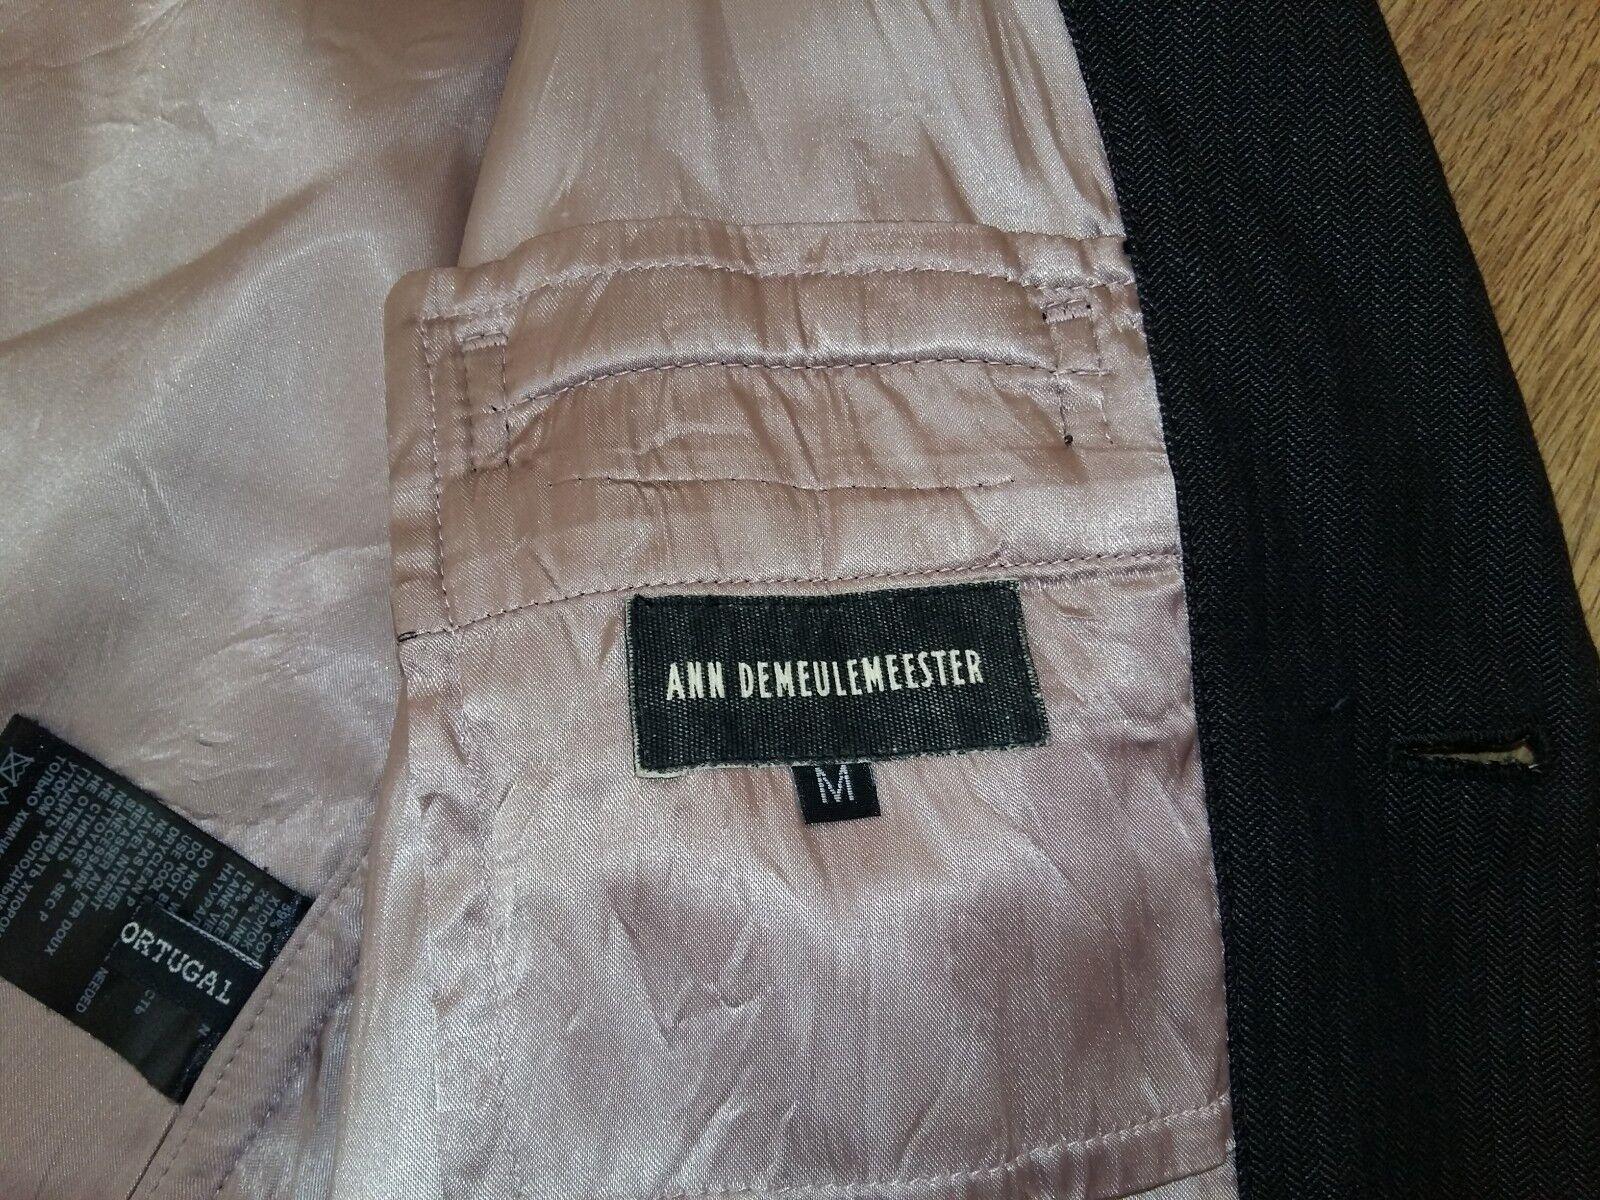 ANN DEMEULEMEESTER rare mens luxury blazer Größe M